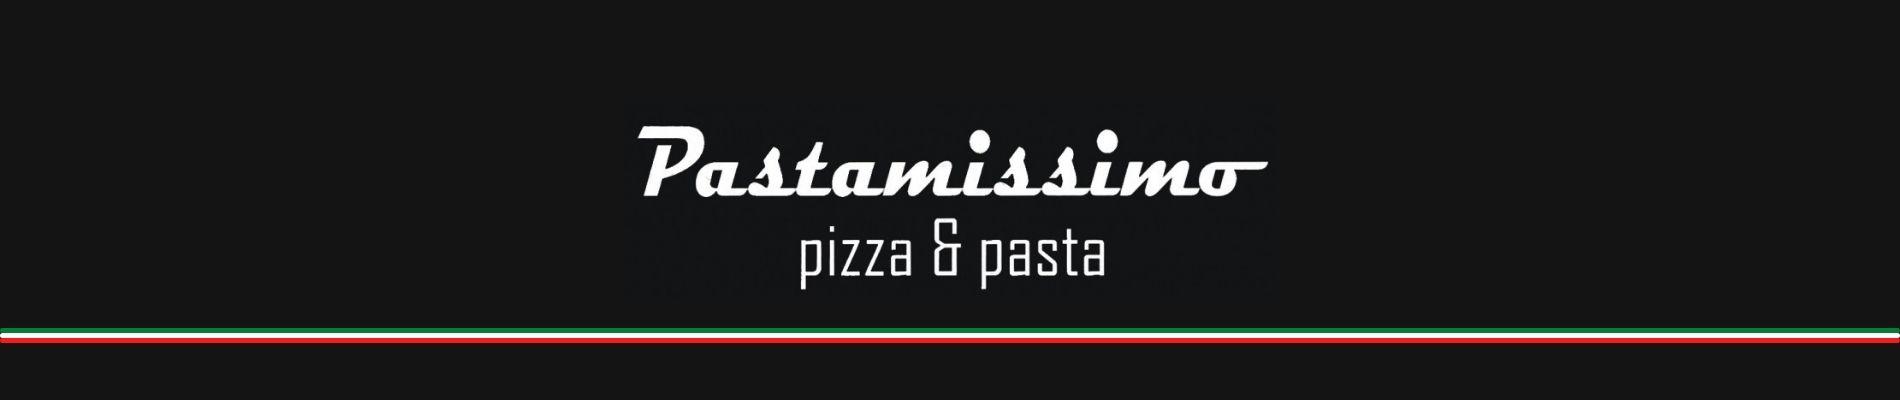 Resataurant Pastamissimo Neumarkt Teaser